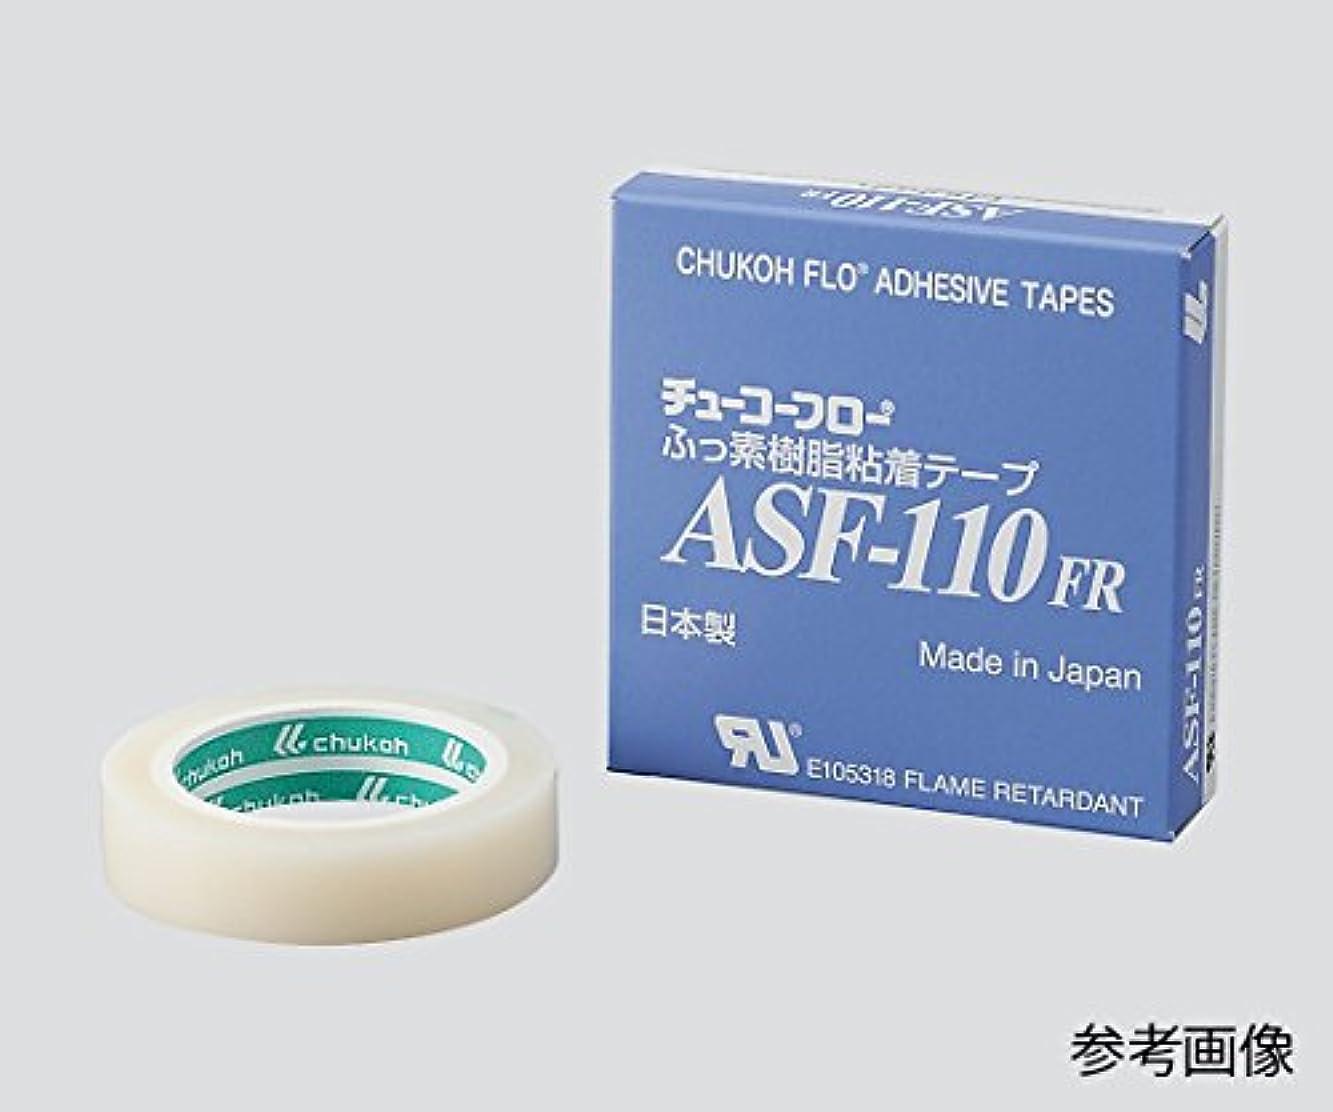 スラムじゃないクリエイティブ中興化成工業 チューコーフロー粘着テープ ASF-110 8309